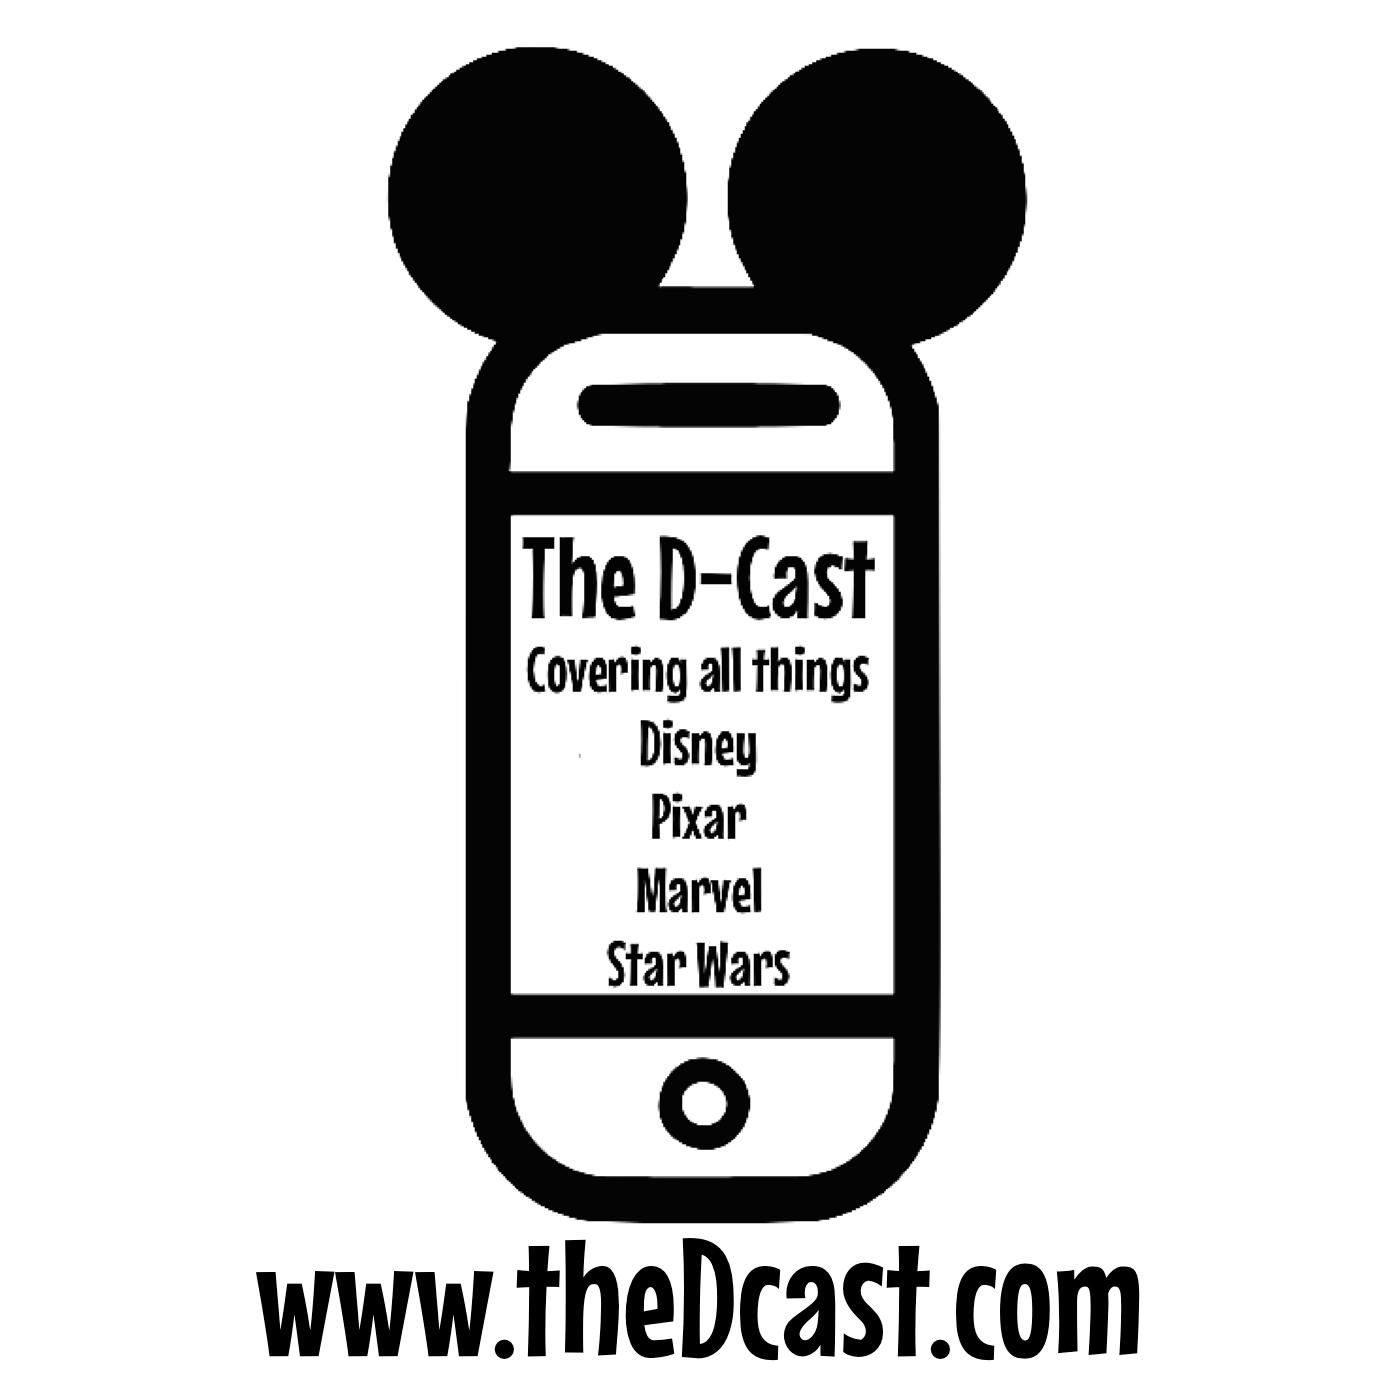 The D-Cast!